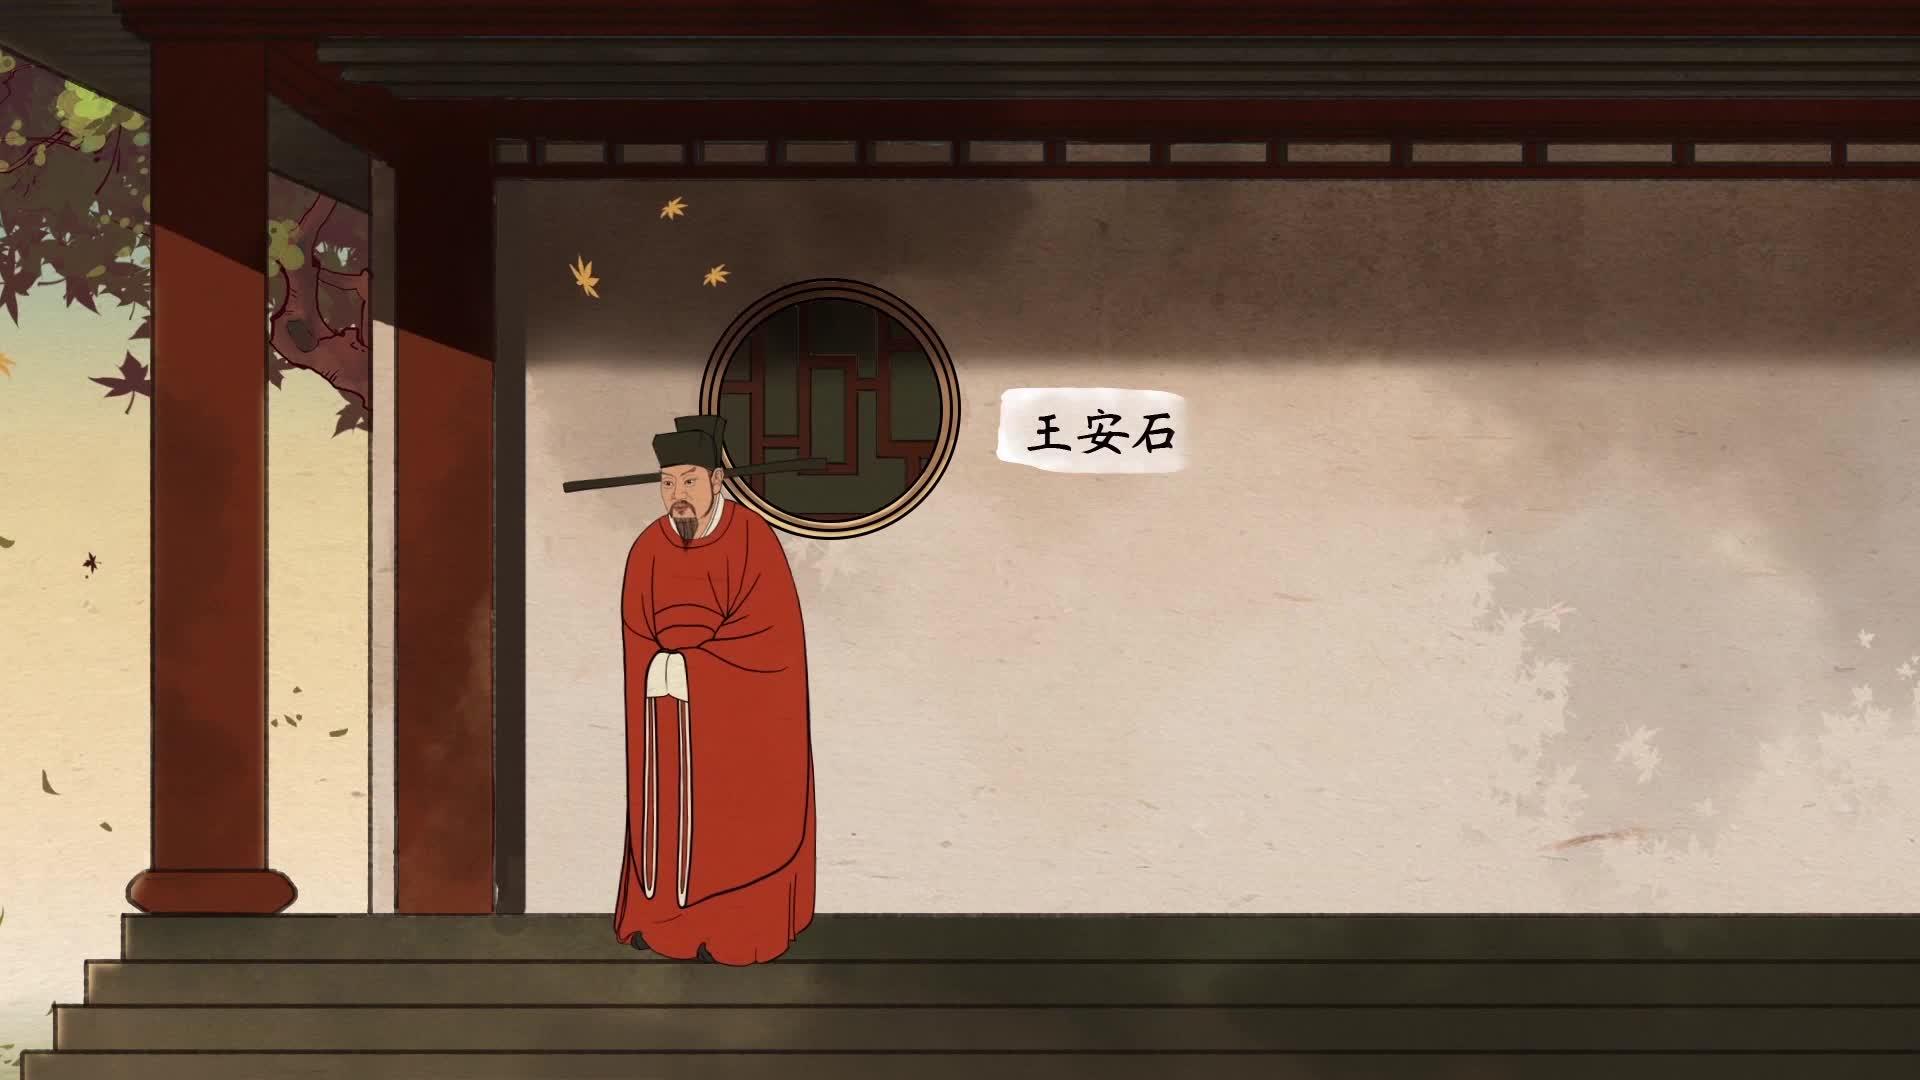 44元日-宋 王安石